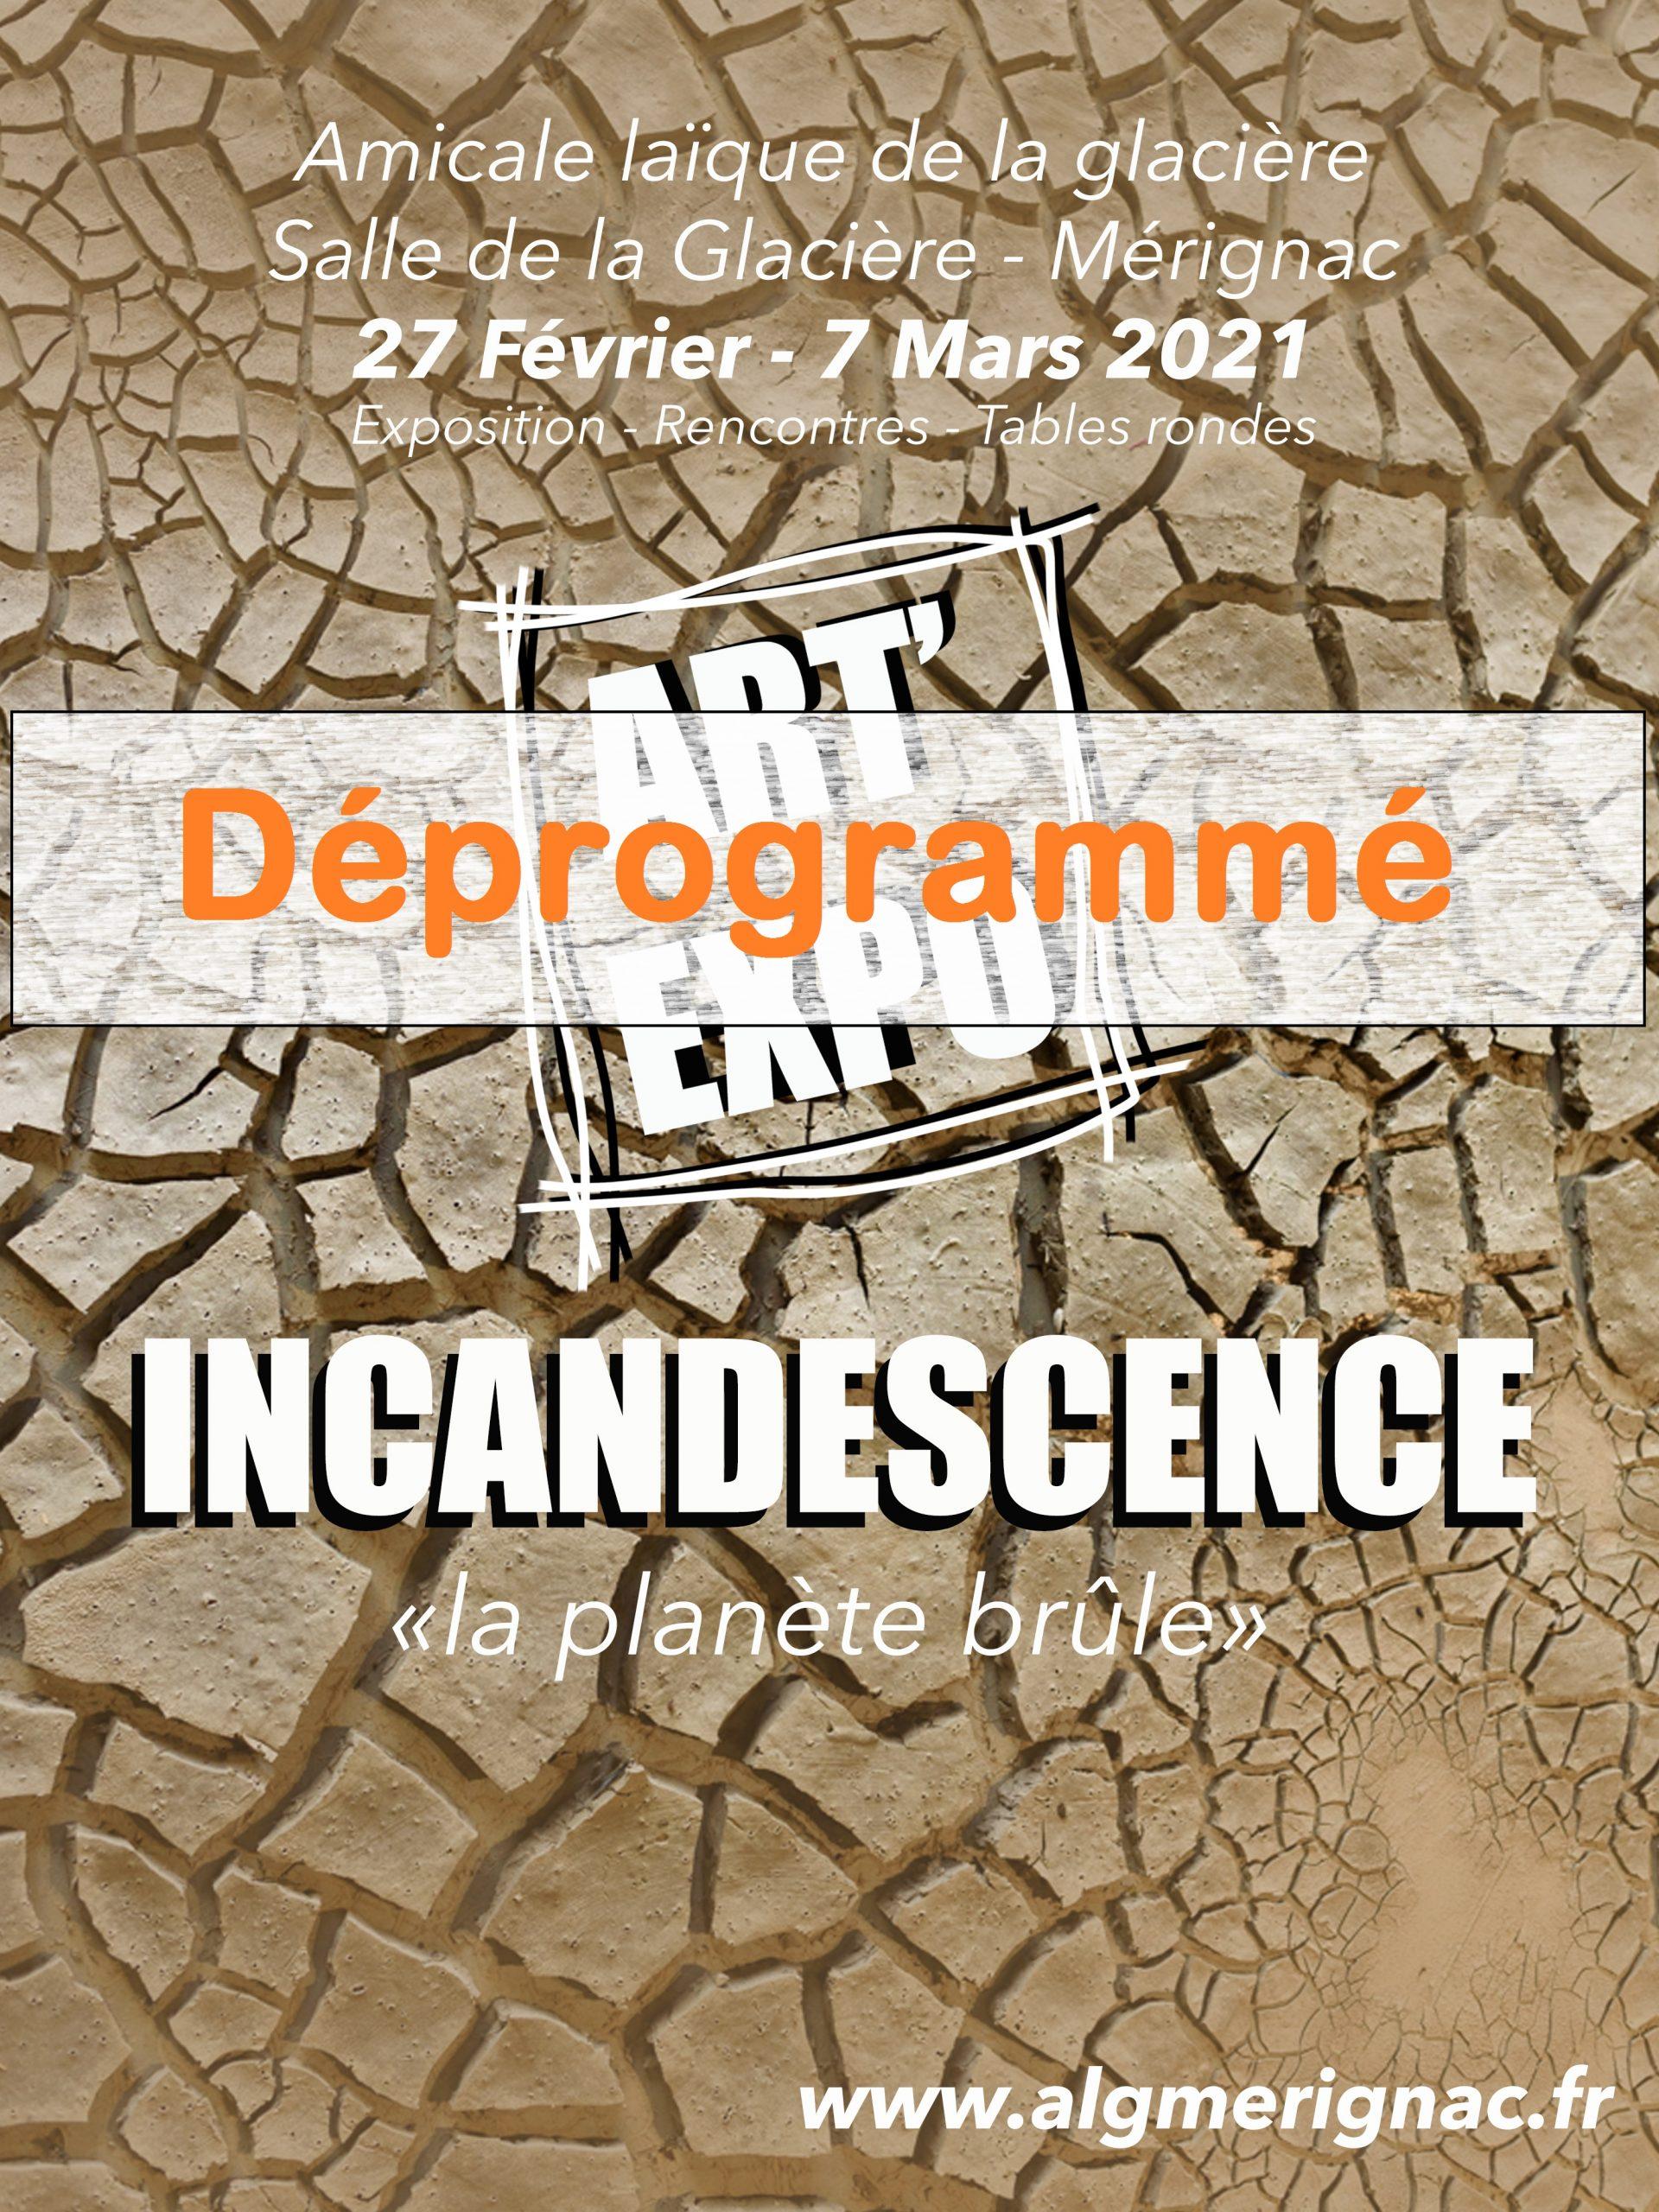 Déprogrammation : Art'Expo «Incandescence, la planète brûle» 🗓